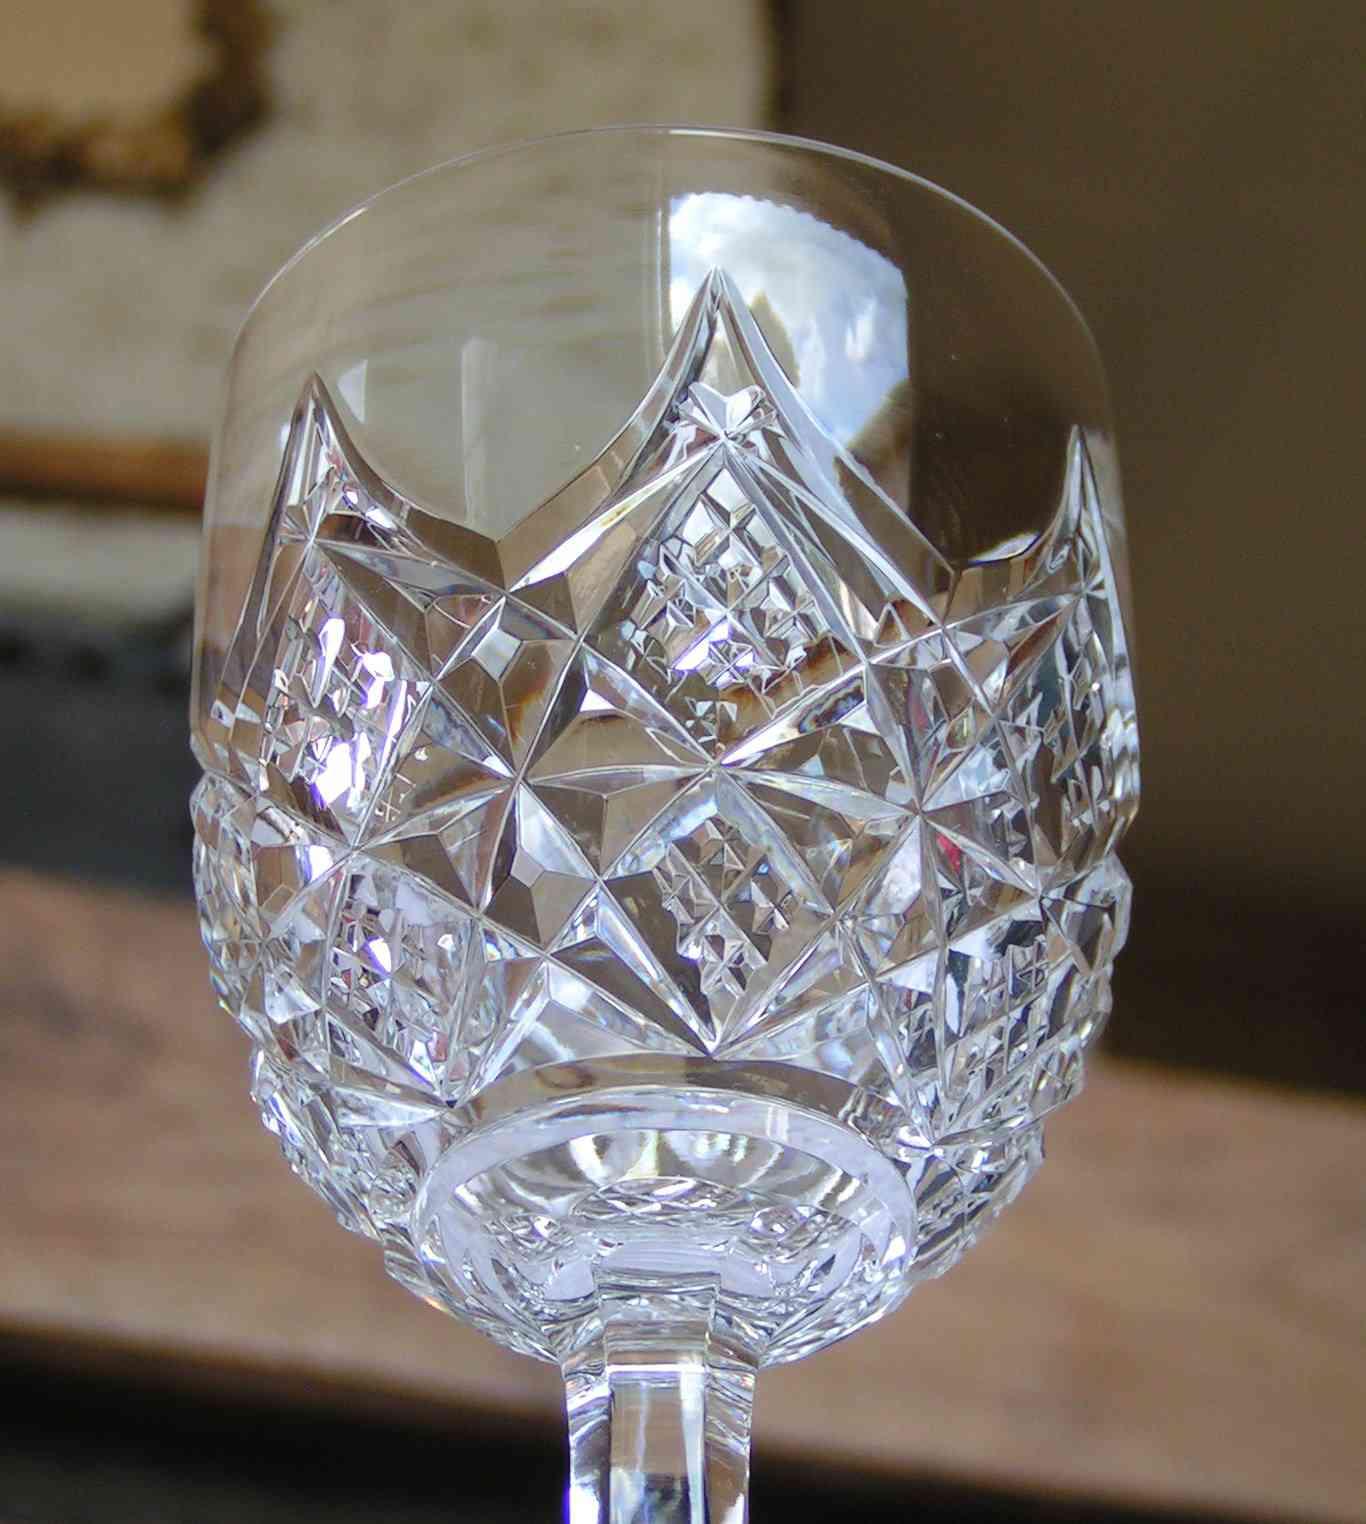 Verre cristal de baccarat occasion geant casino besancon ouvert le 11 novembre